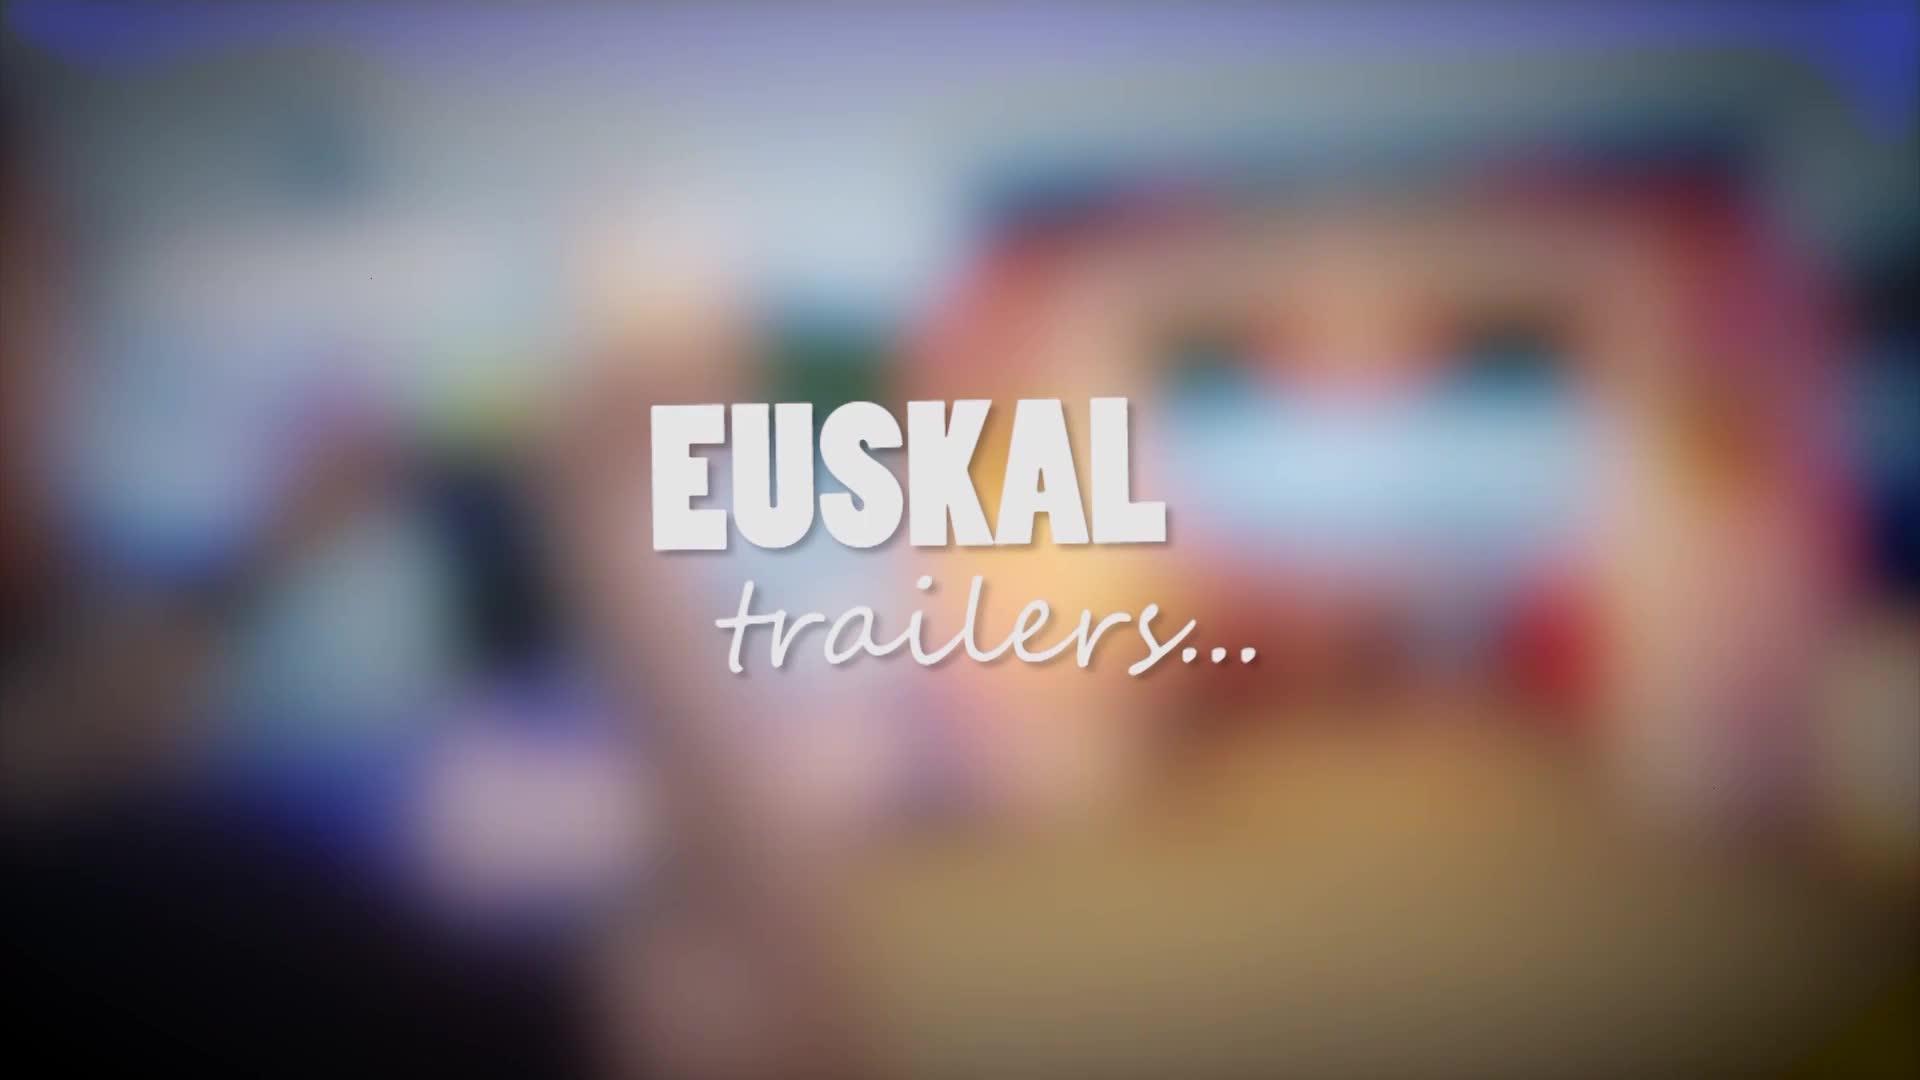 Euskal Trail 2017: Patrick AHETZ ETCHEBERen lekukotasuna